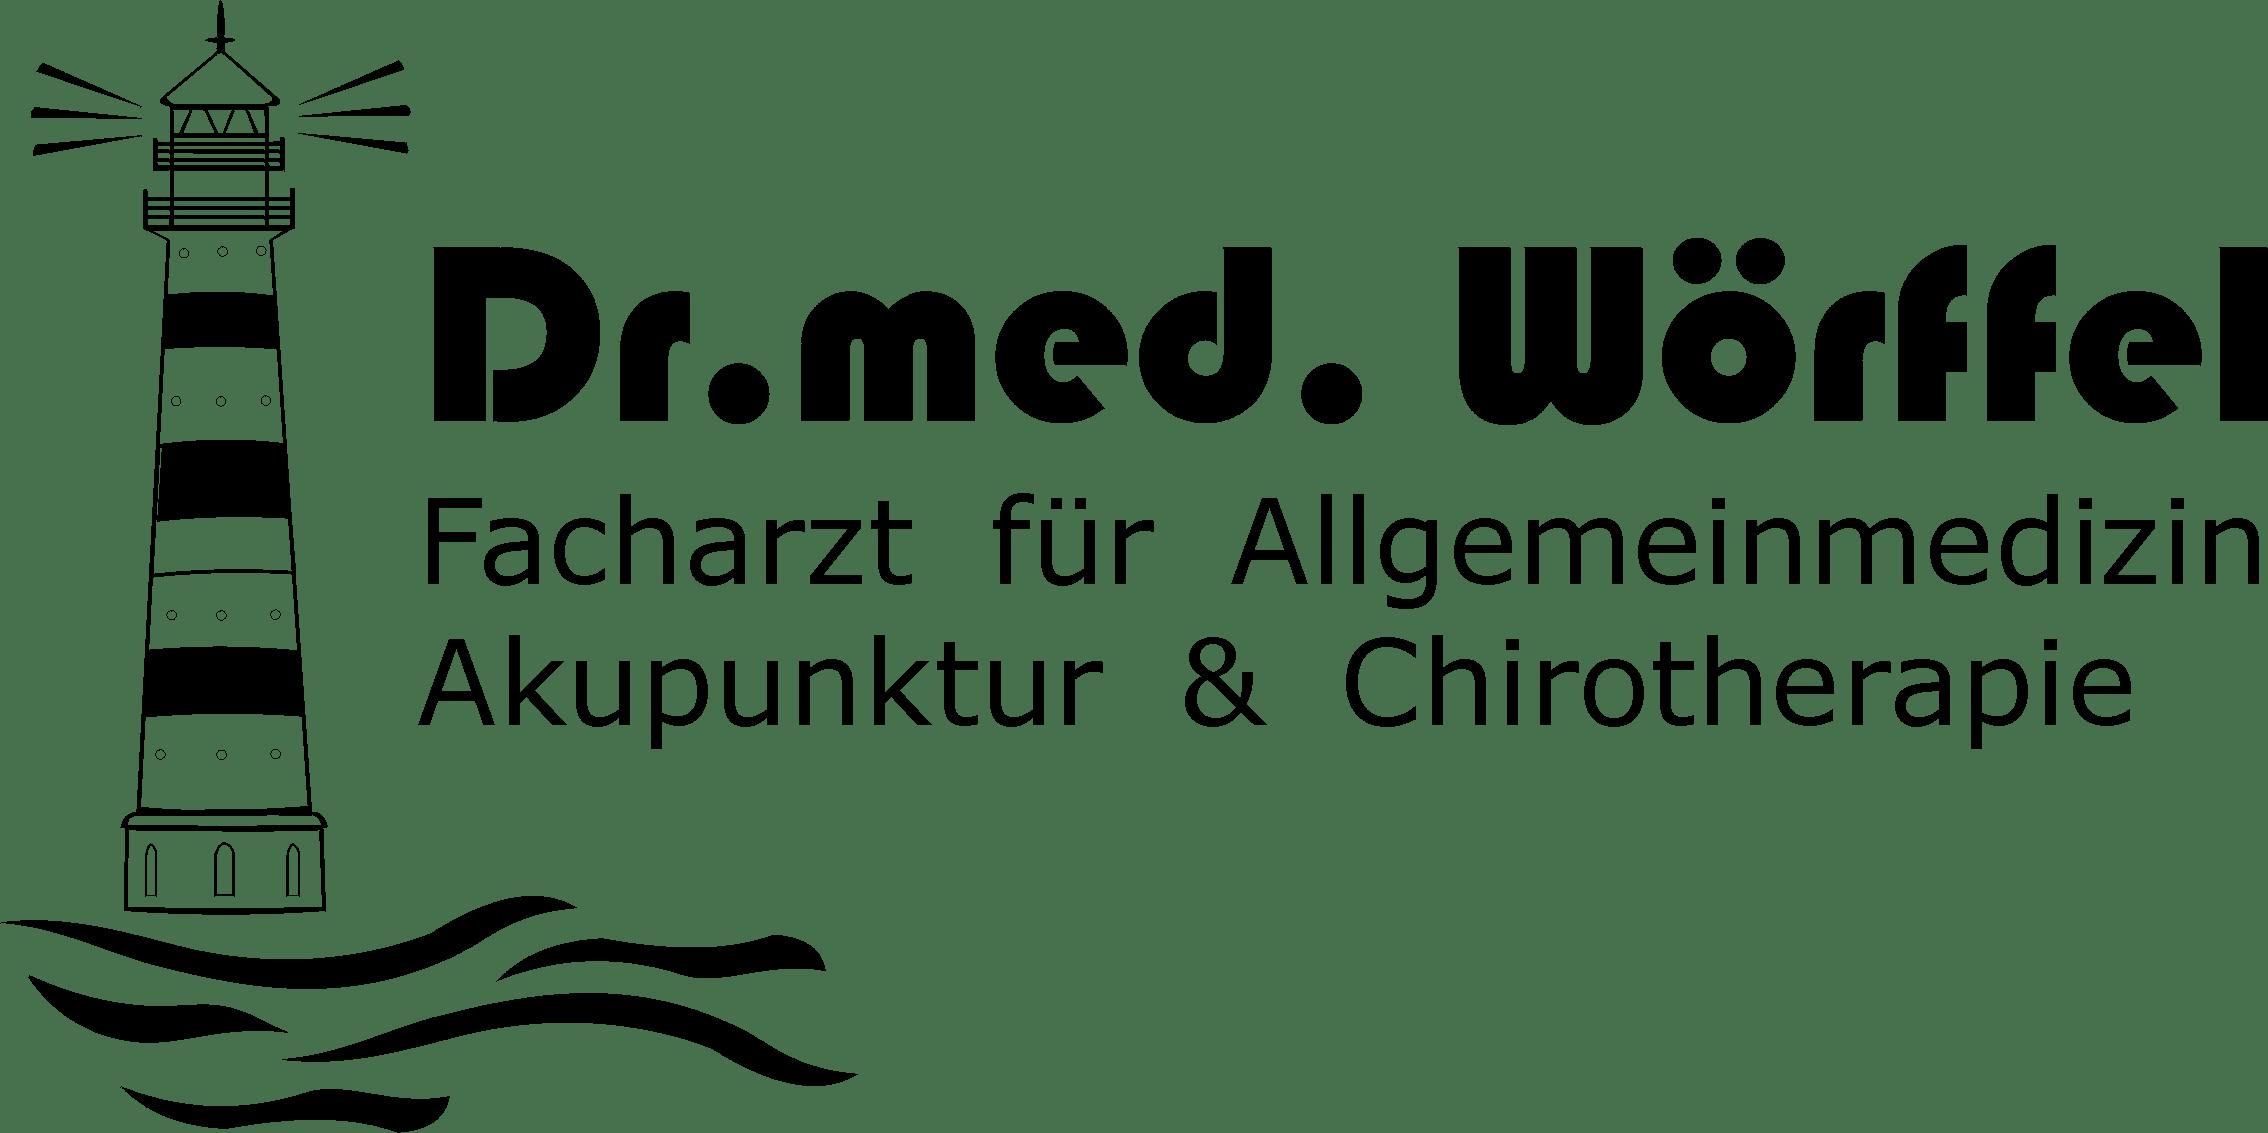 Praxis Dr. med. Wörffel Logo